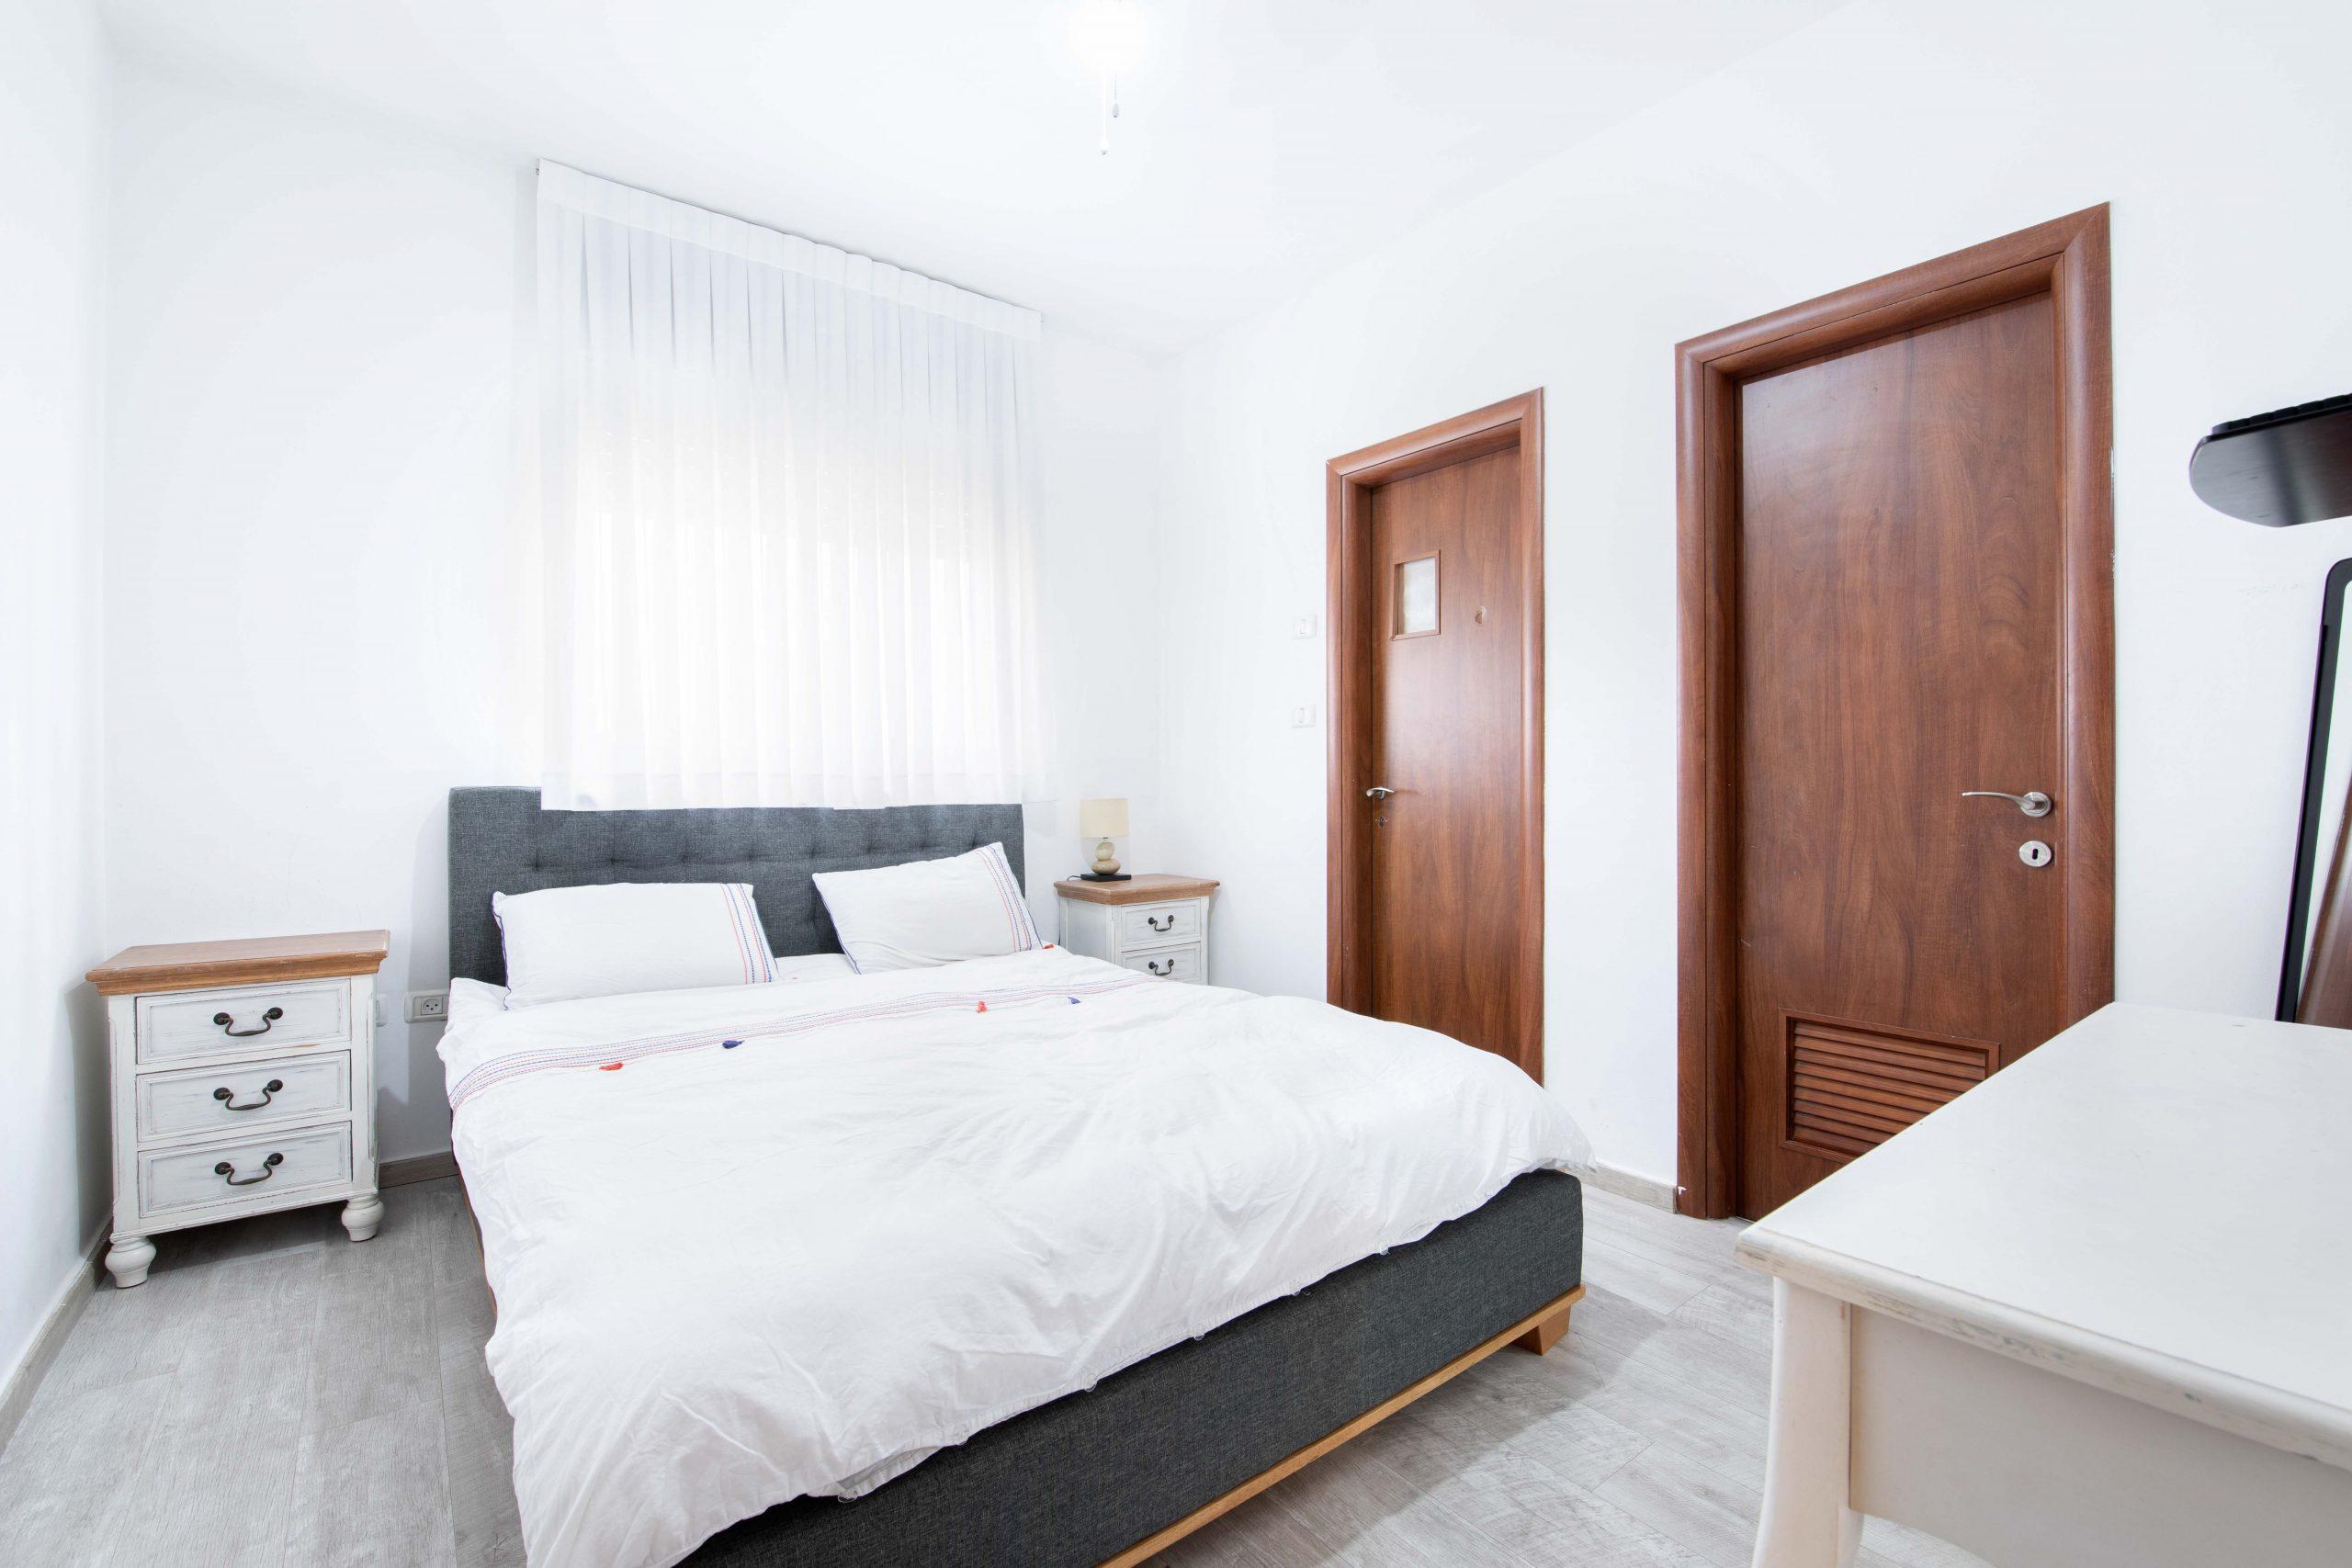 חדר הורים דירה 4.5 חדרים בשכונת פארק המושבה